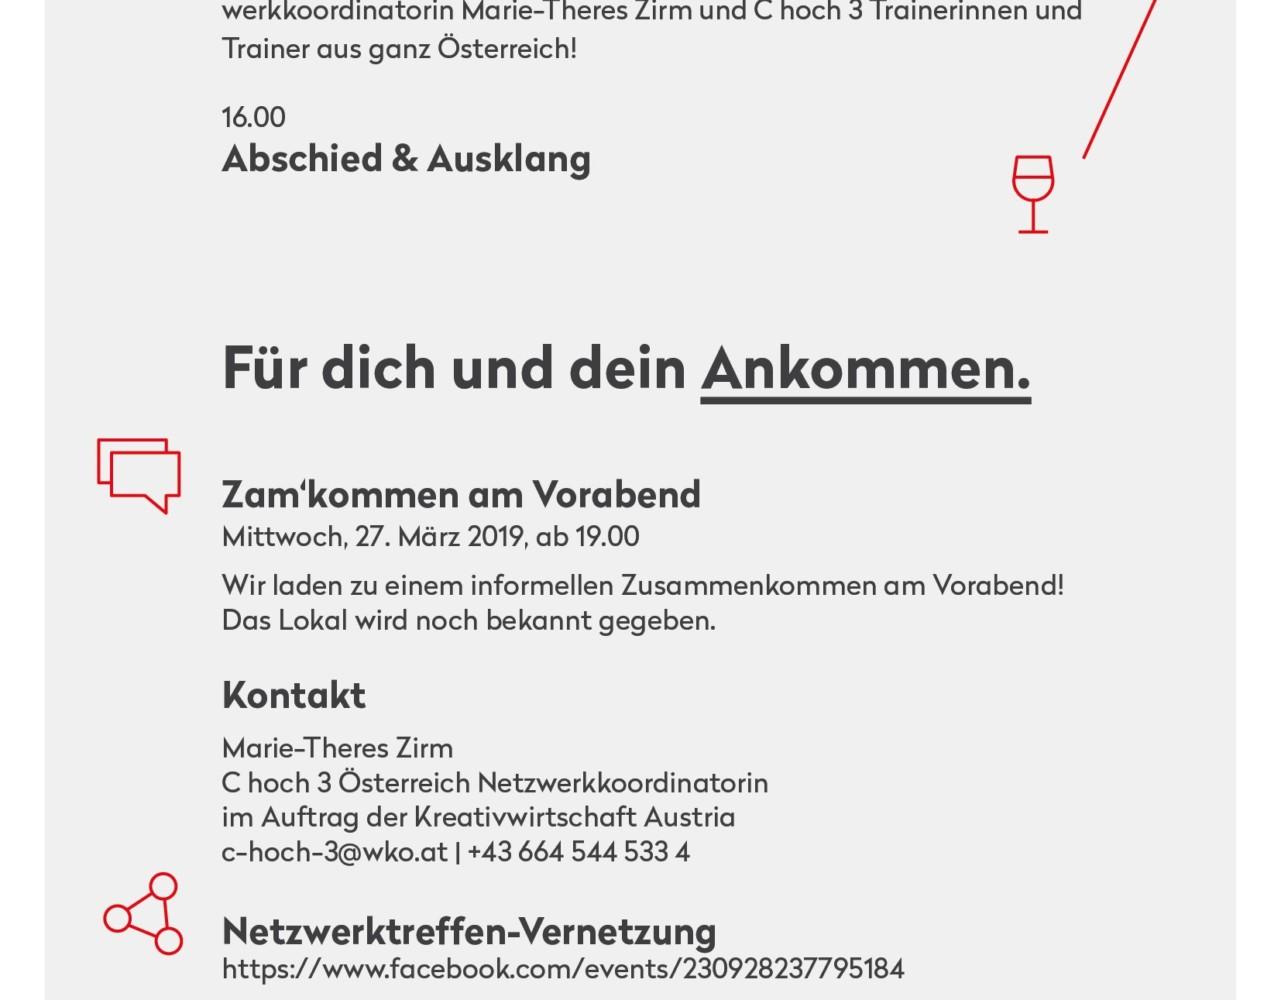 Choch3_netzwerktreffen19_einladung_6teilig_5